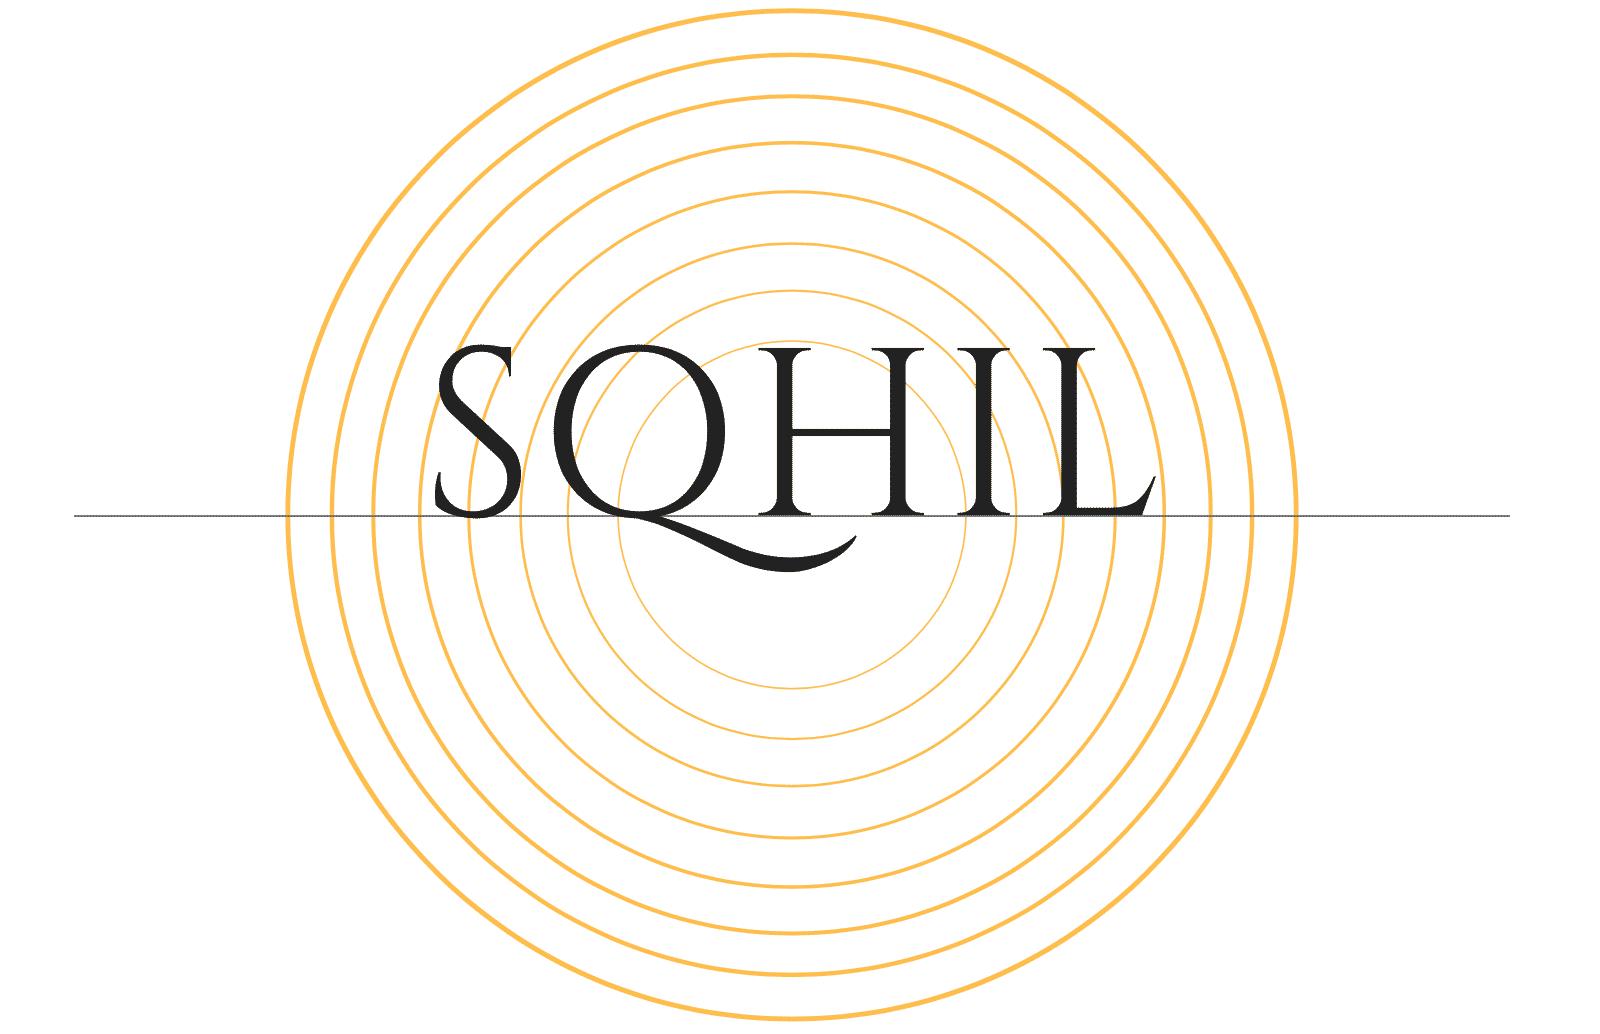 SQHIL